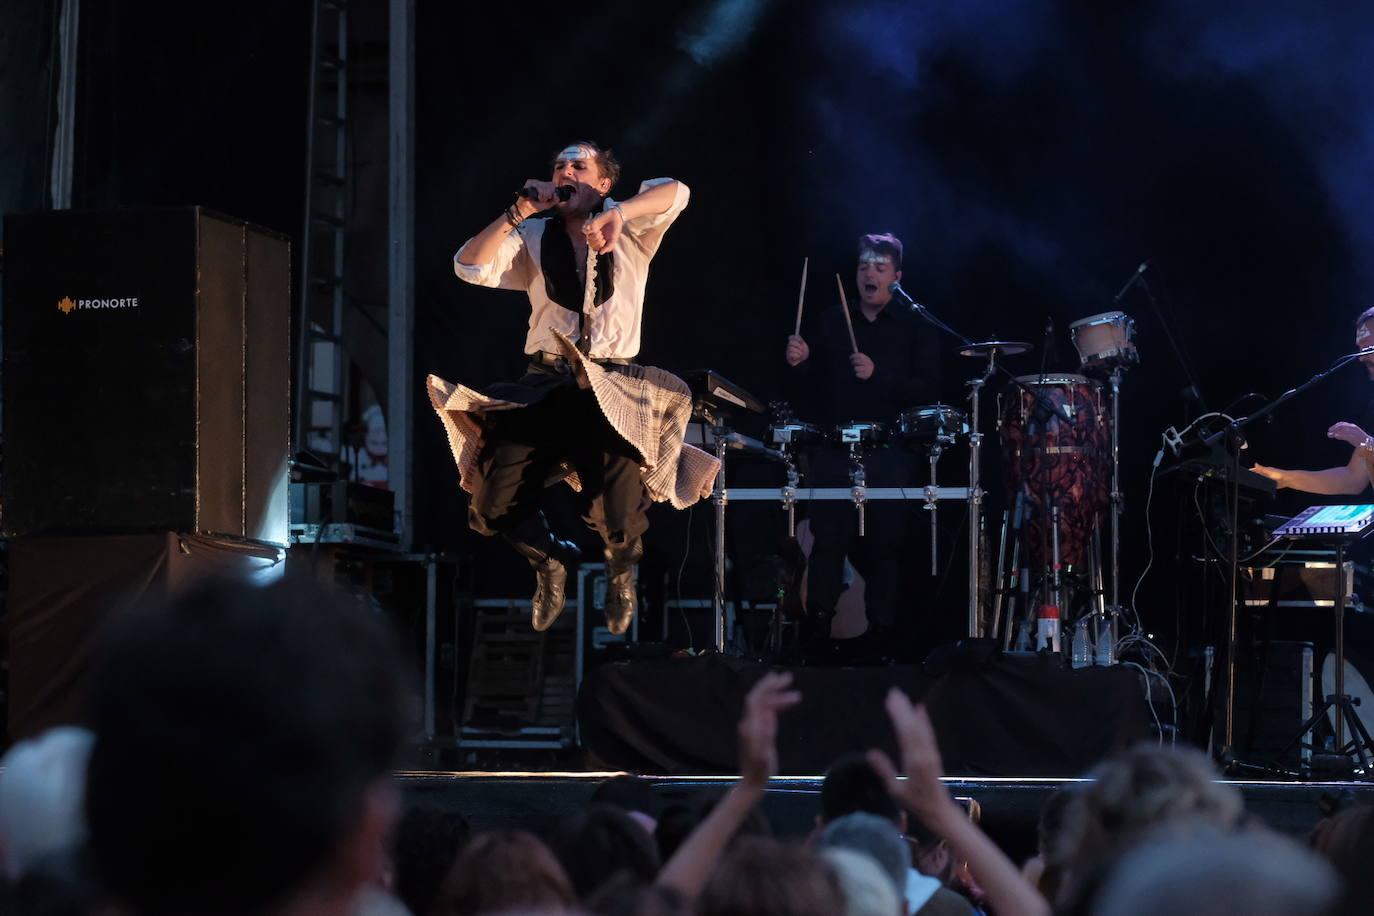 El espectáculo rompedor de Mastodonte en Gijón